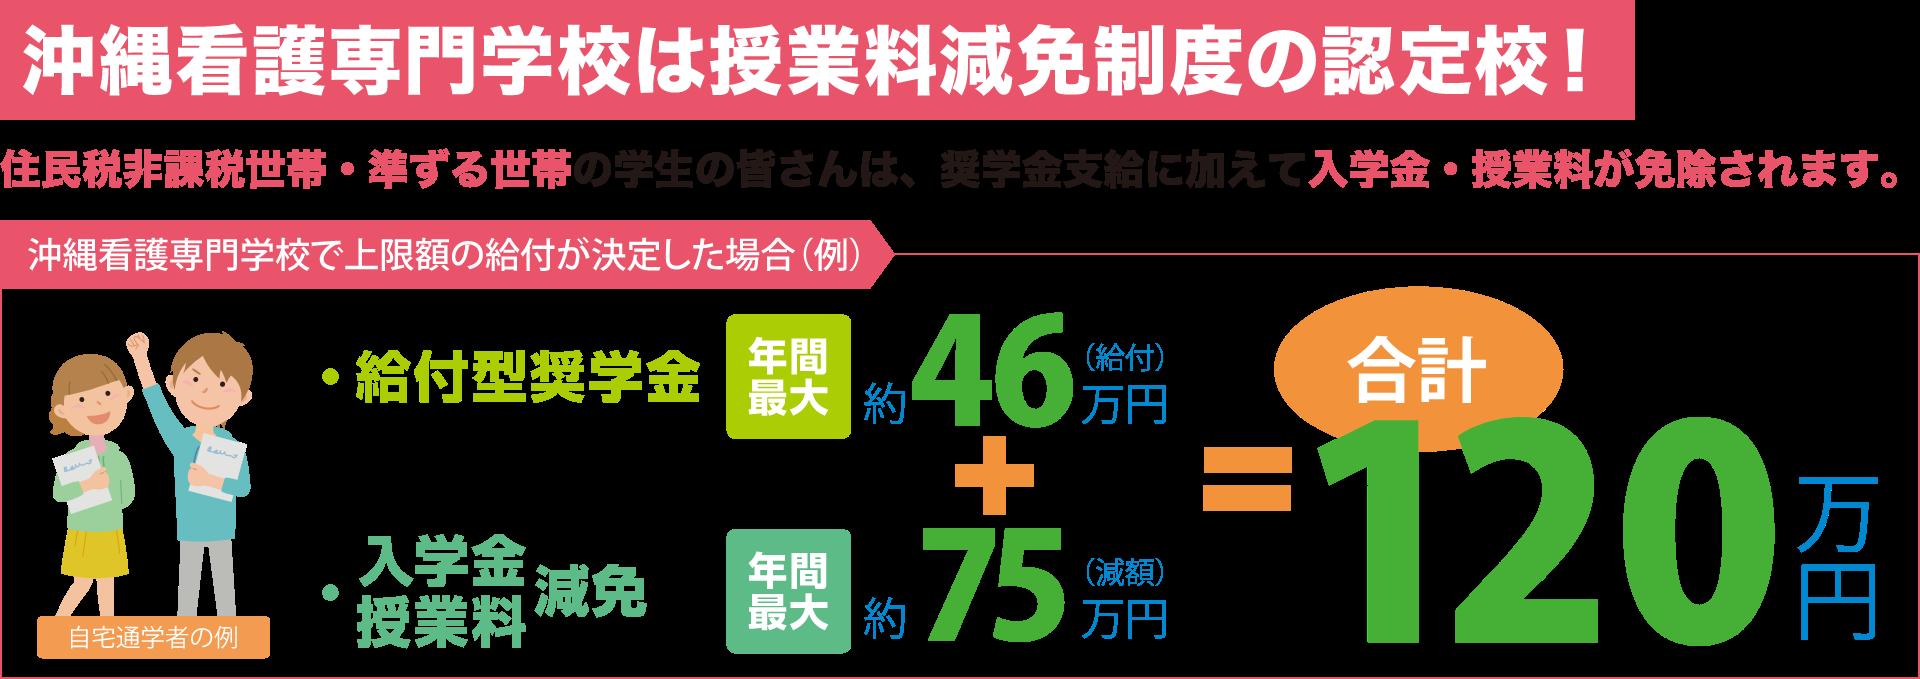 沖縄看護専門学校は授業料減免制度の認定校